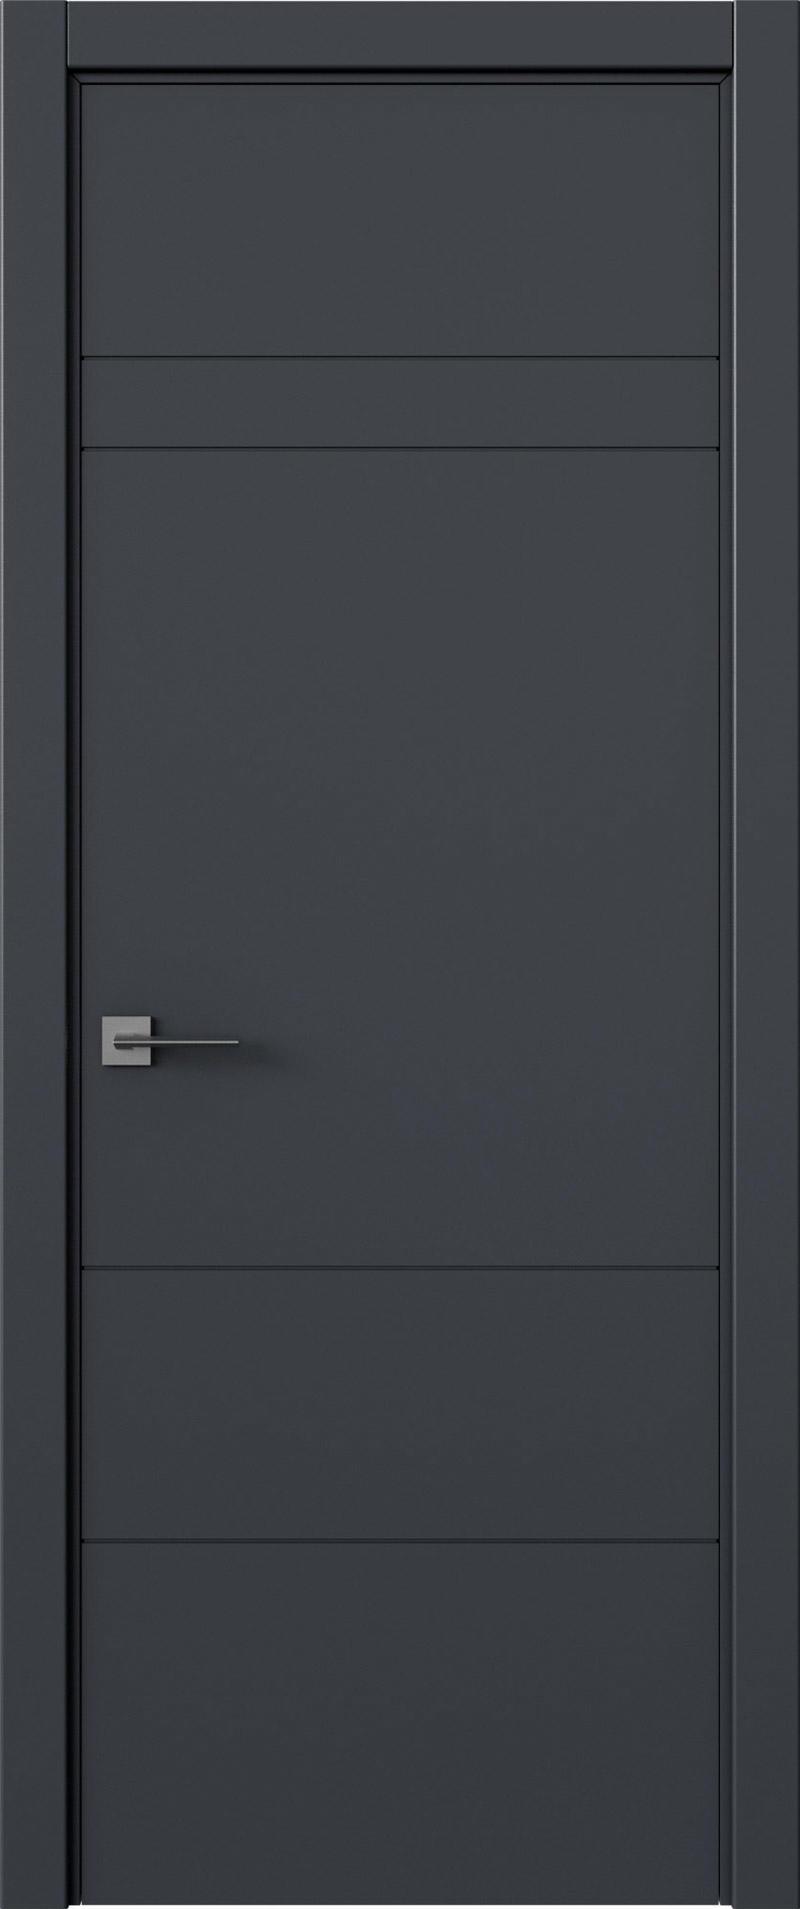 Tivoli К-2 цвет - Графитово-серая эмаль (RAL 7024) Без стекла (ДГ)